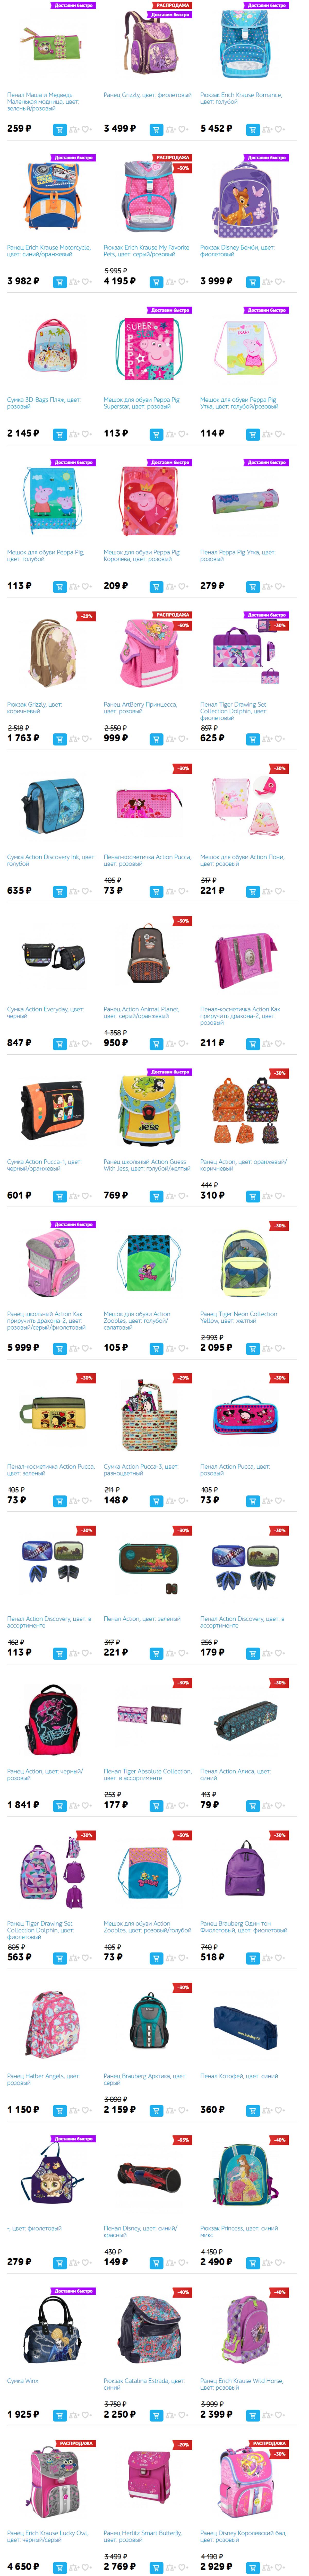 Школьные рюкзаки, ранцы и пеналы в каталоге Дочки-Сыночки Кувандык